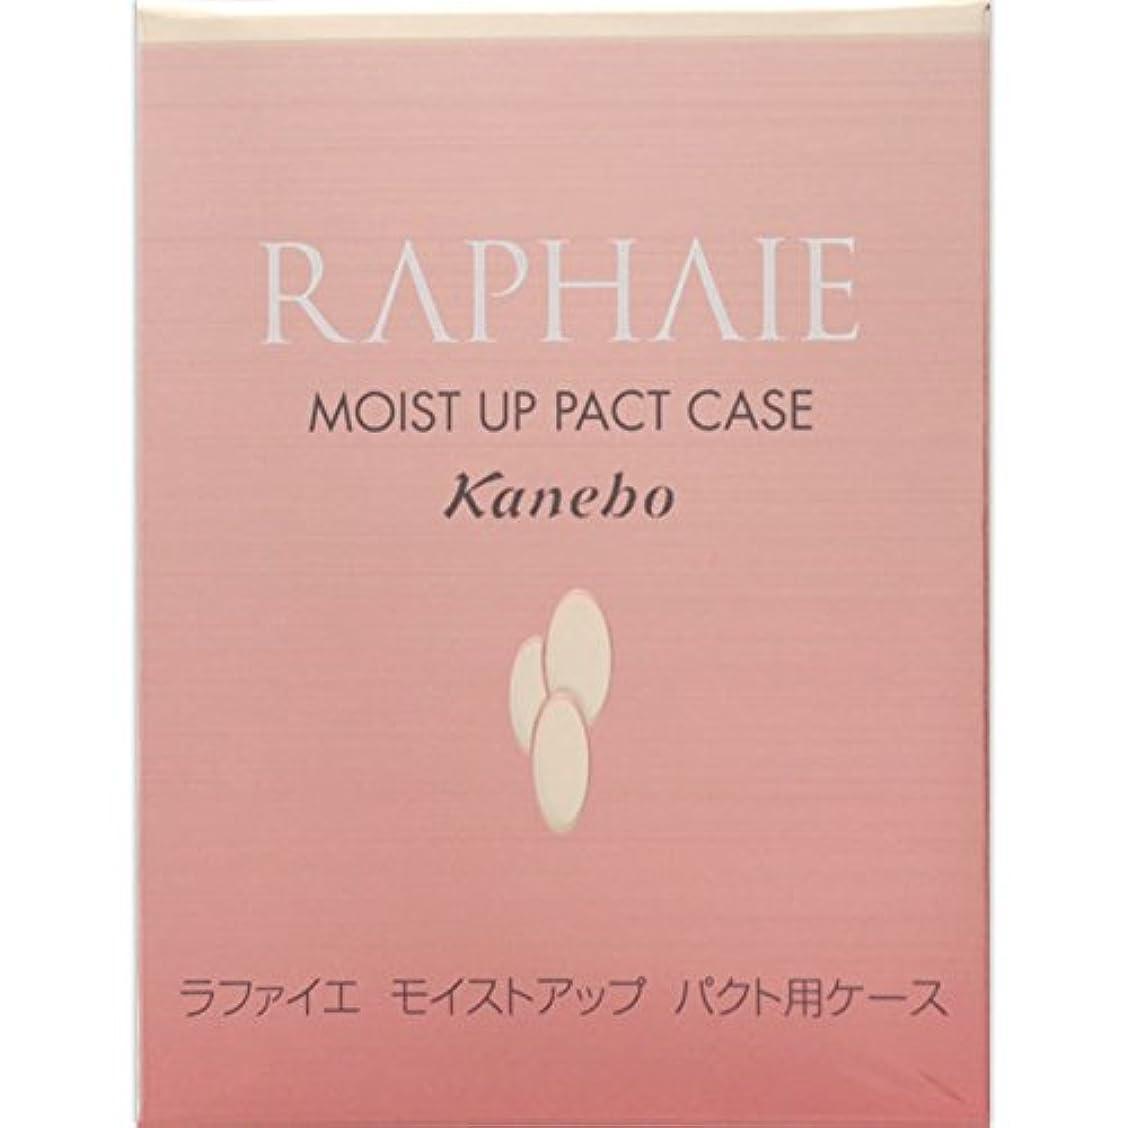 議論する胚なめらかな【カネボウ化粧品】ラファイエ(RAPHAIE)モイストアップ パクト用ケース